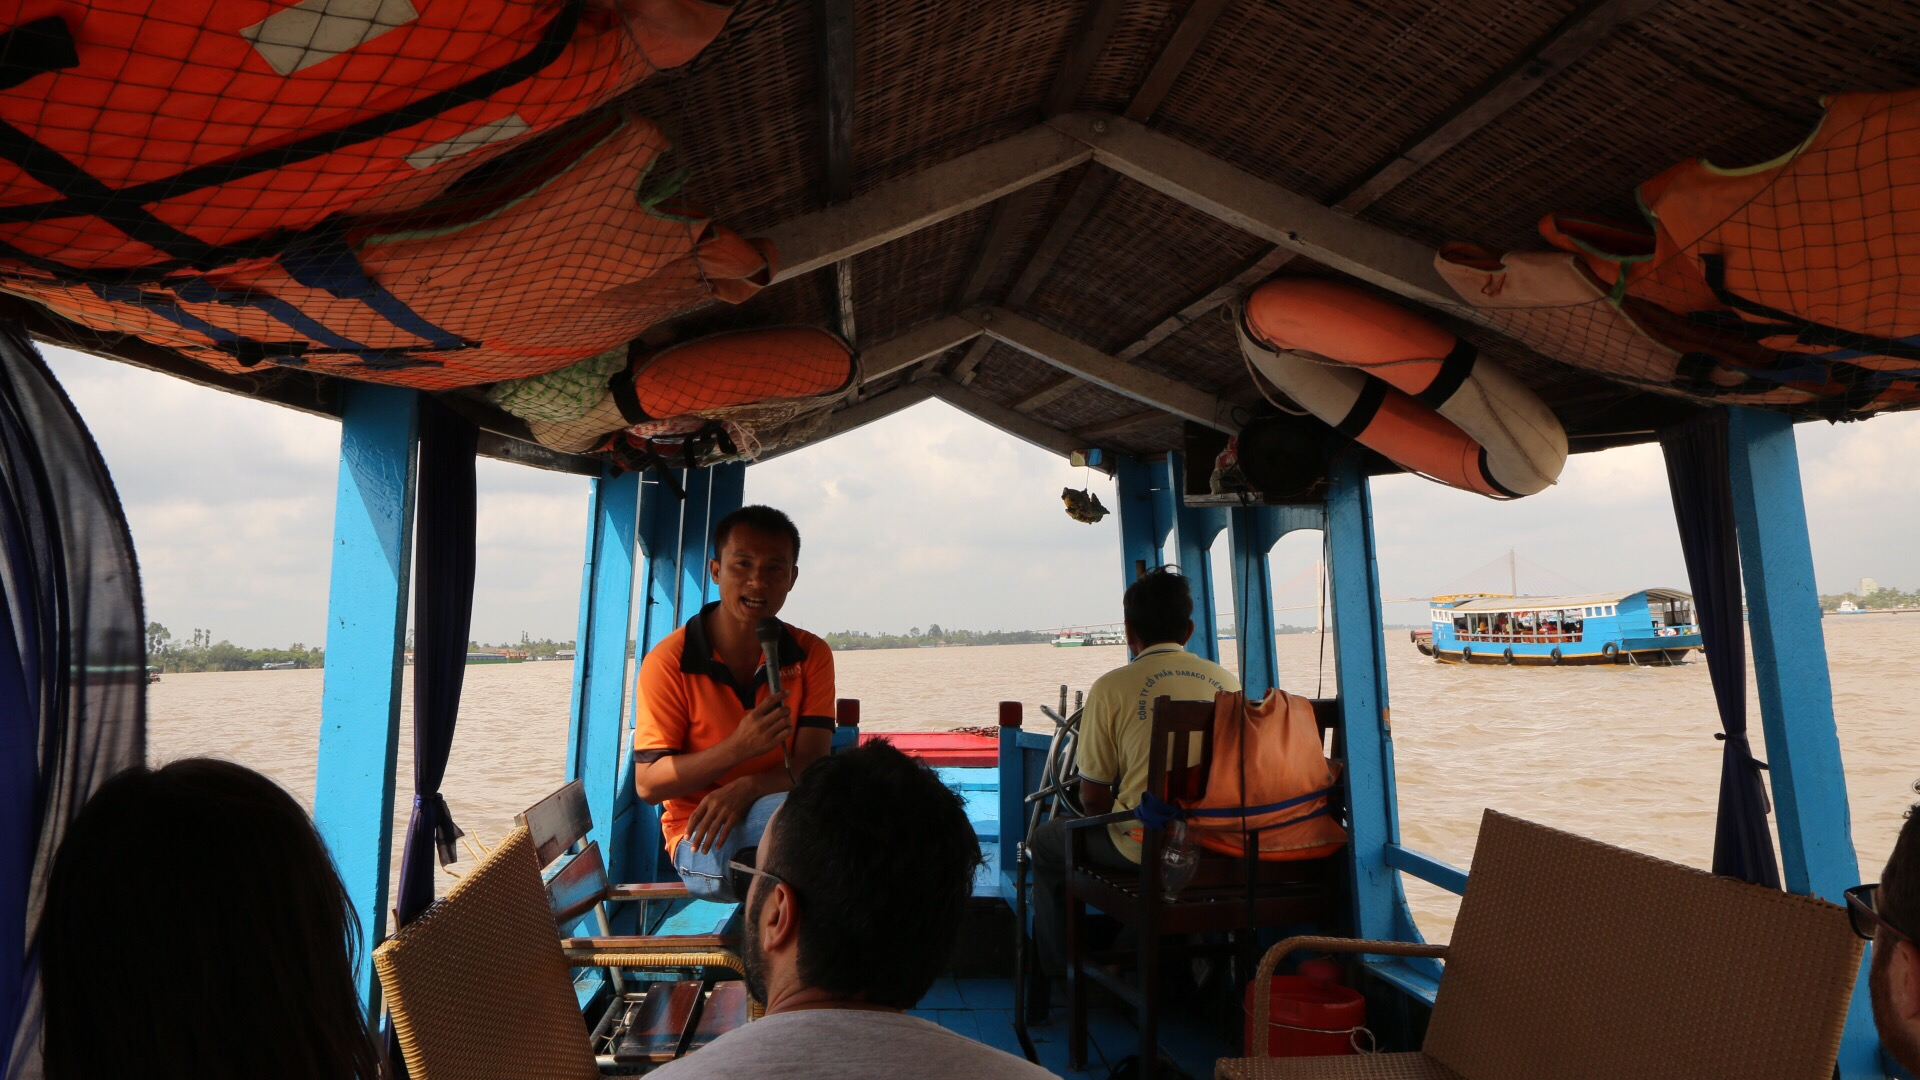 Mit großem Boot ging es anfangs über einen breiten Arm des Mekong-Rivers.